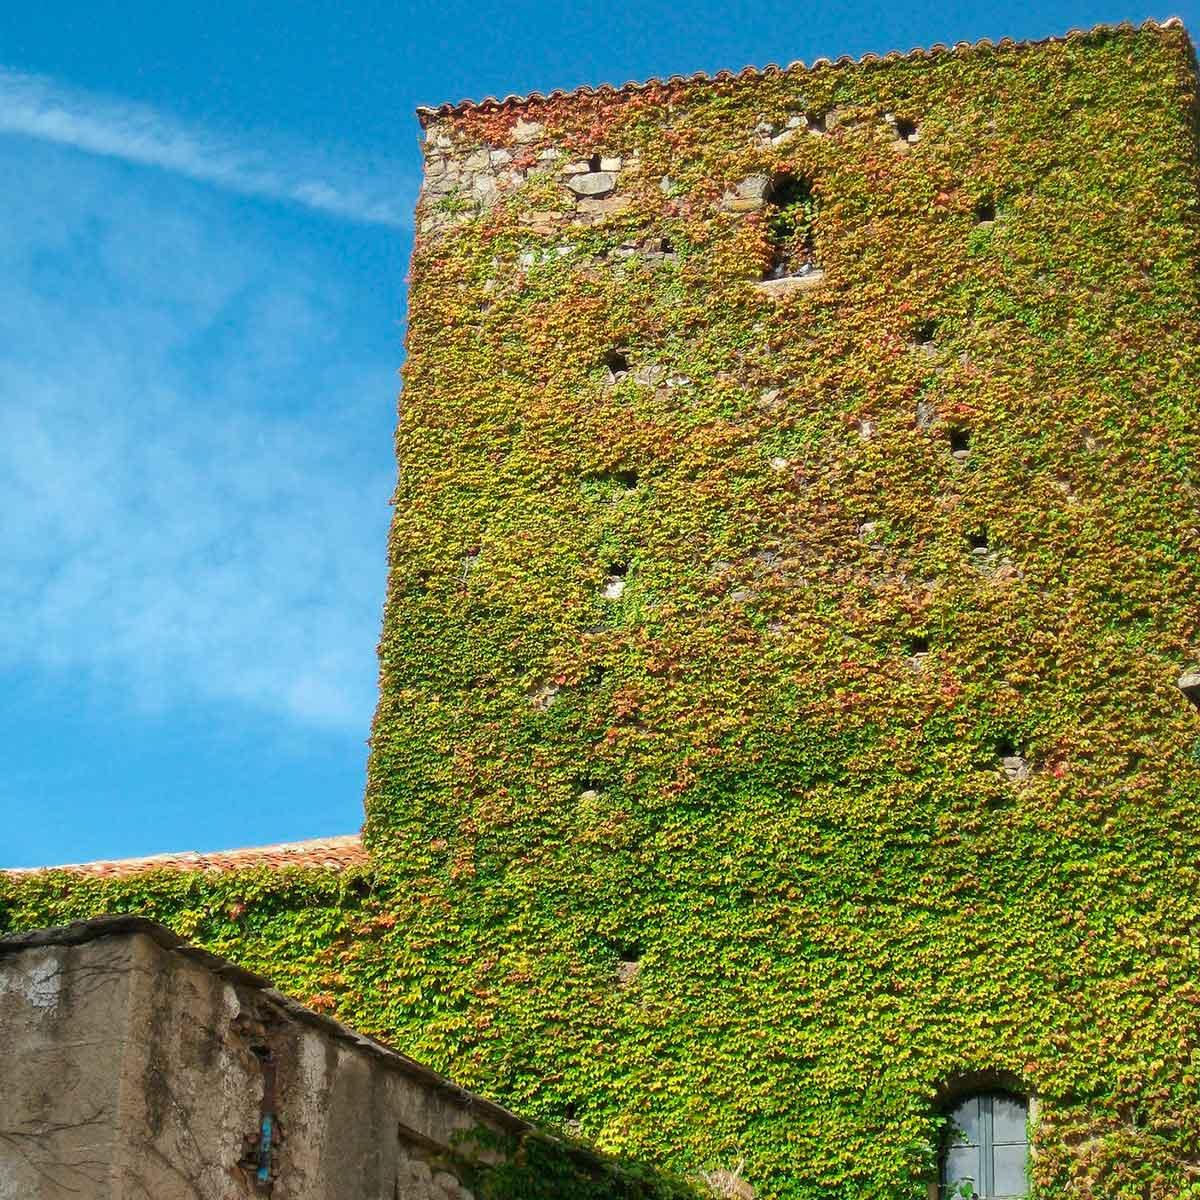 Tendencias de jardines verticales para interiores y exteriores